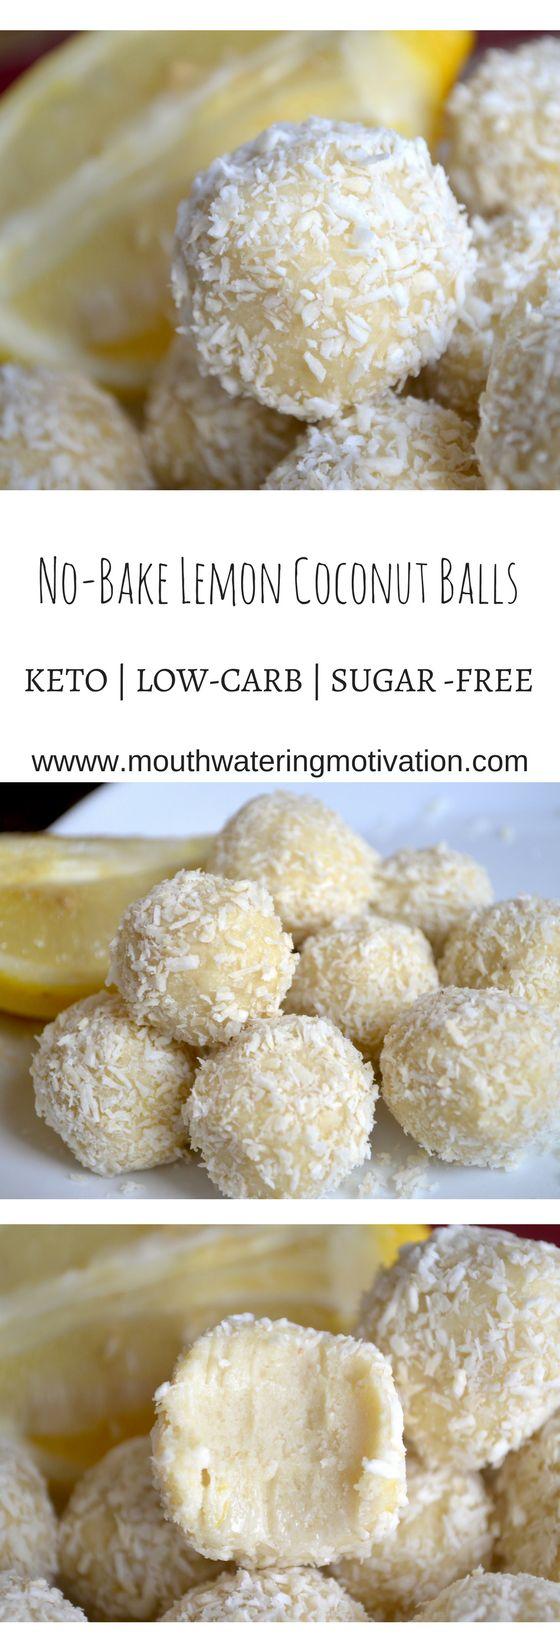 keto lemon coconut balls